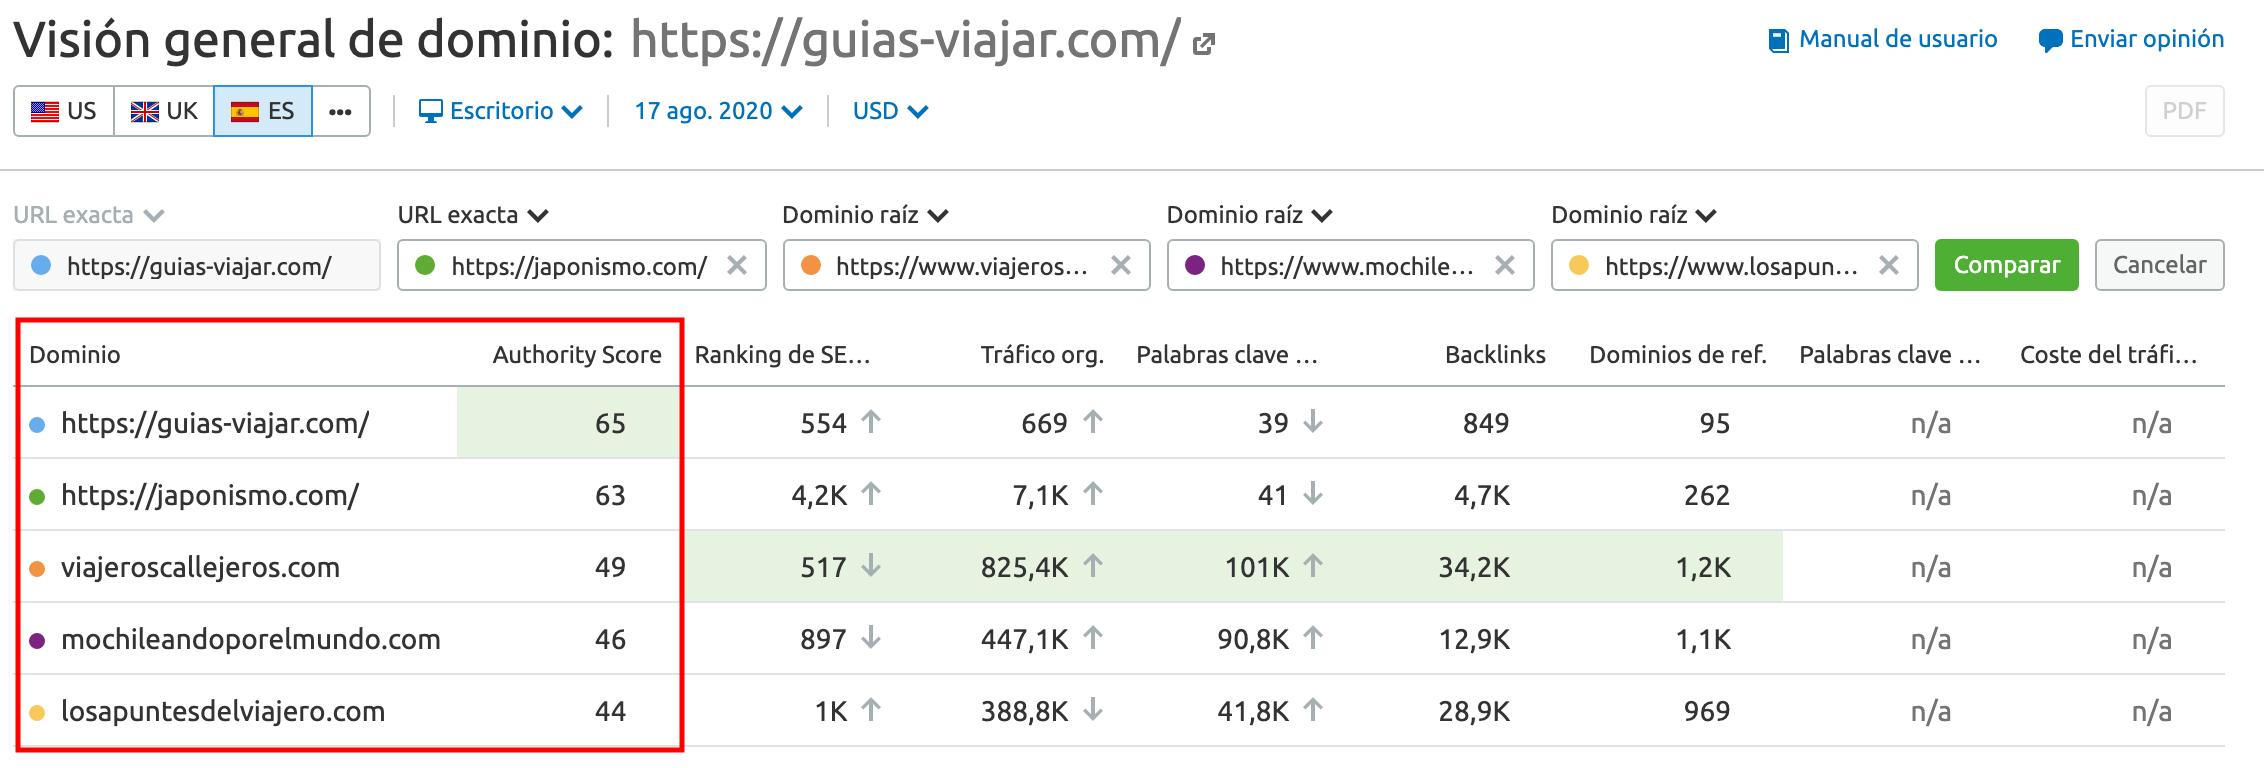 Comparación de puntajes de dominios